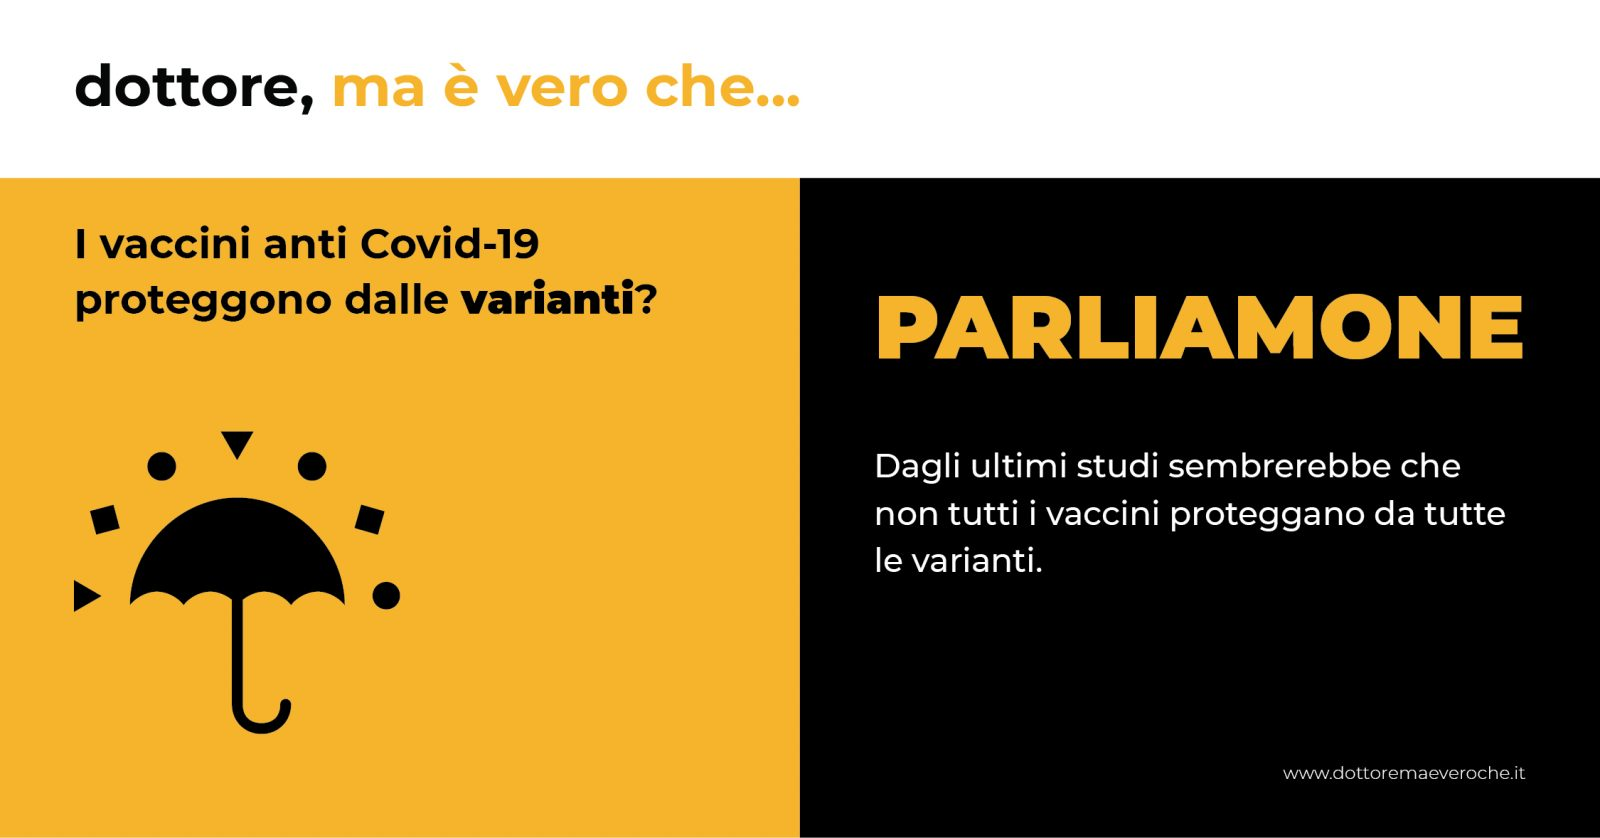 Card: I vaccini anti Covid-19 proteggono dalle varianti